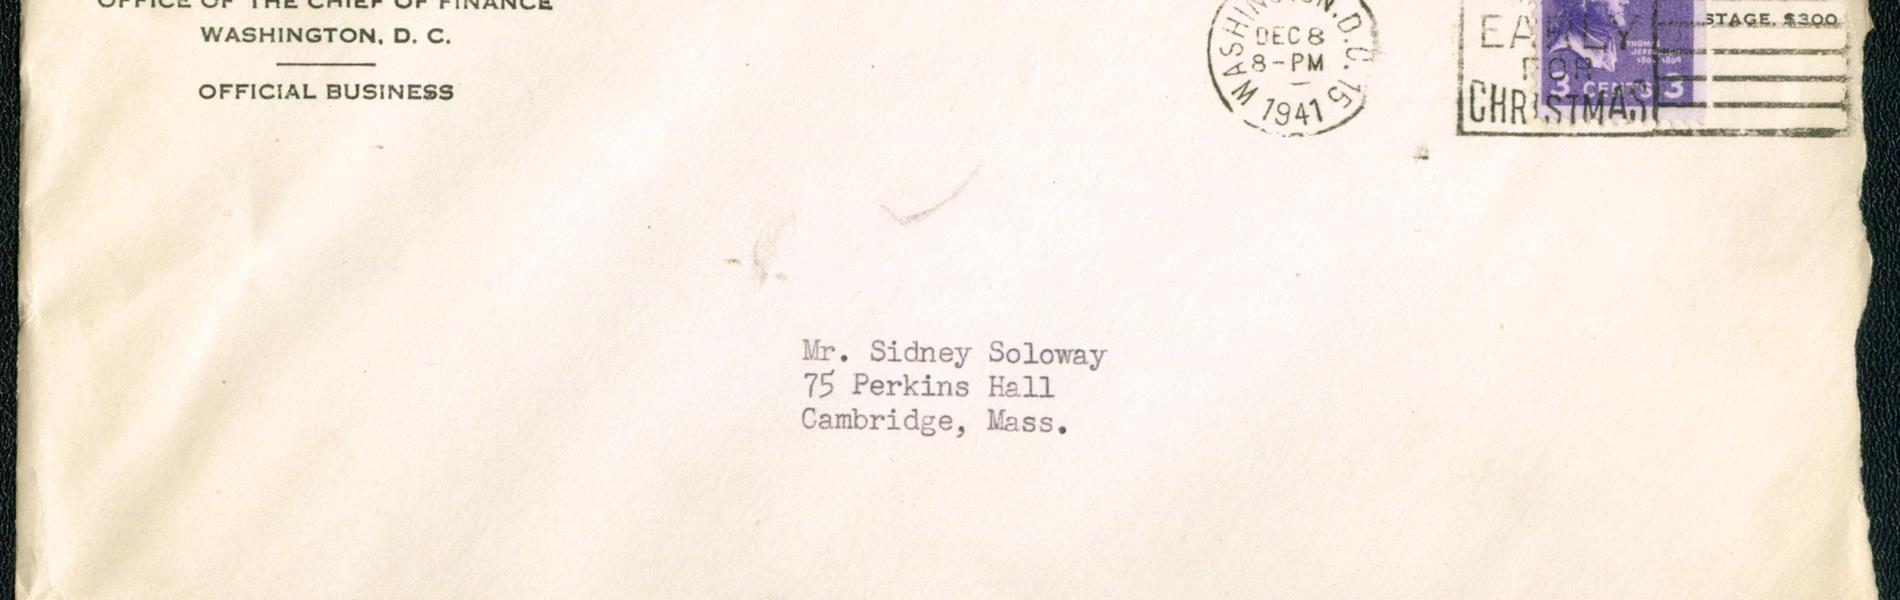 pearl-harbor-letter-december-7-1941